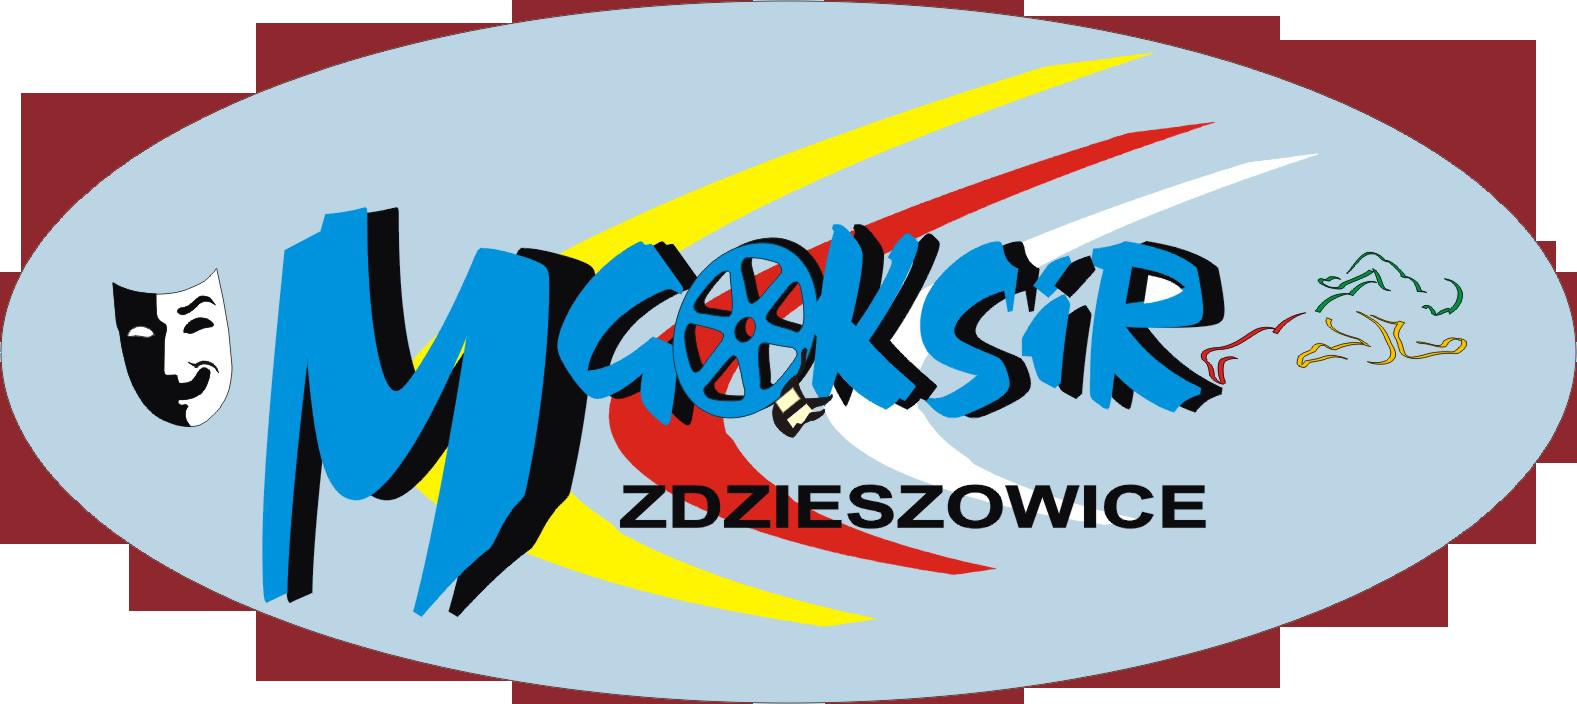 Miejsko-Gminny Ośrodek Kultury, Sportu i Rekreacji w Zdzieszowicach